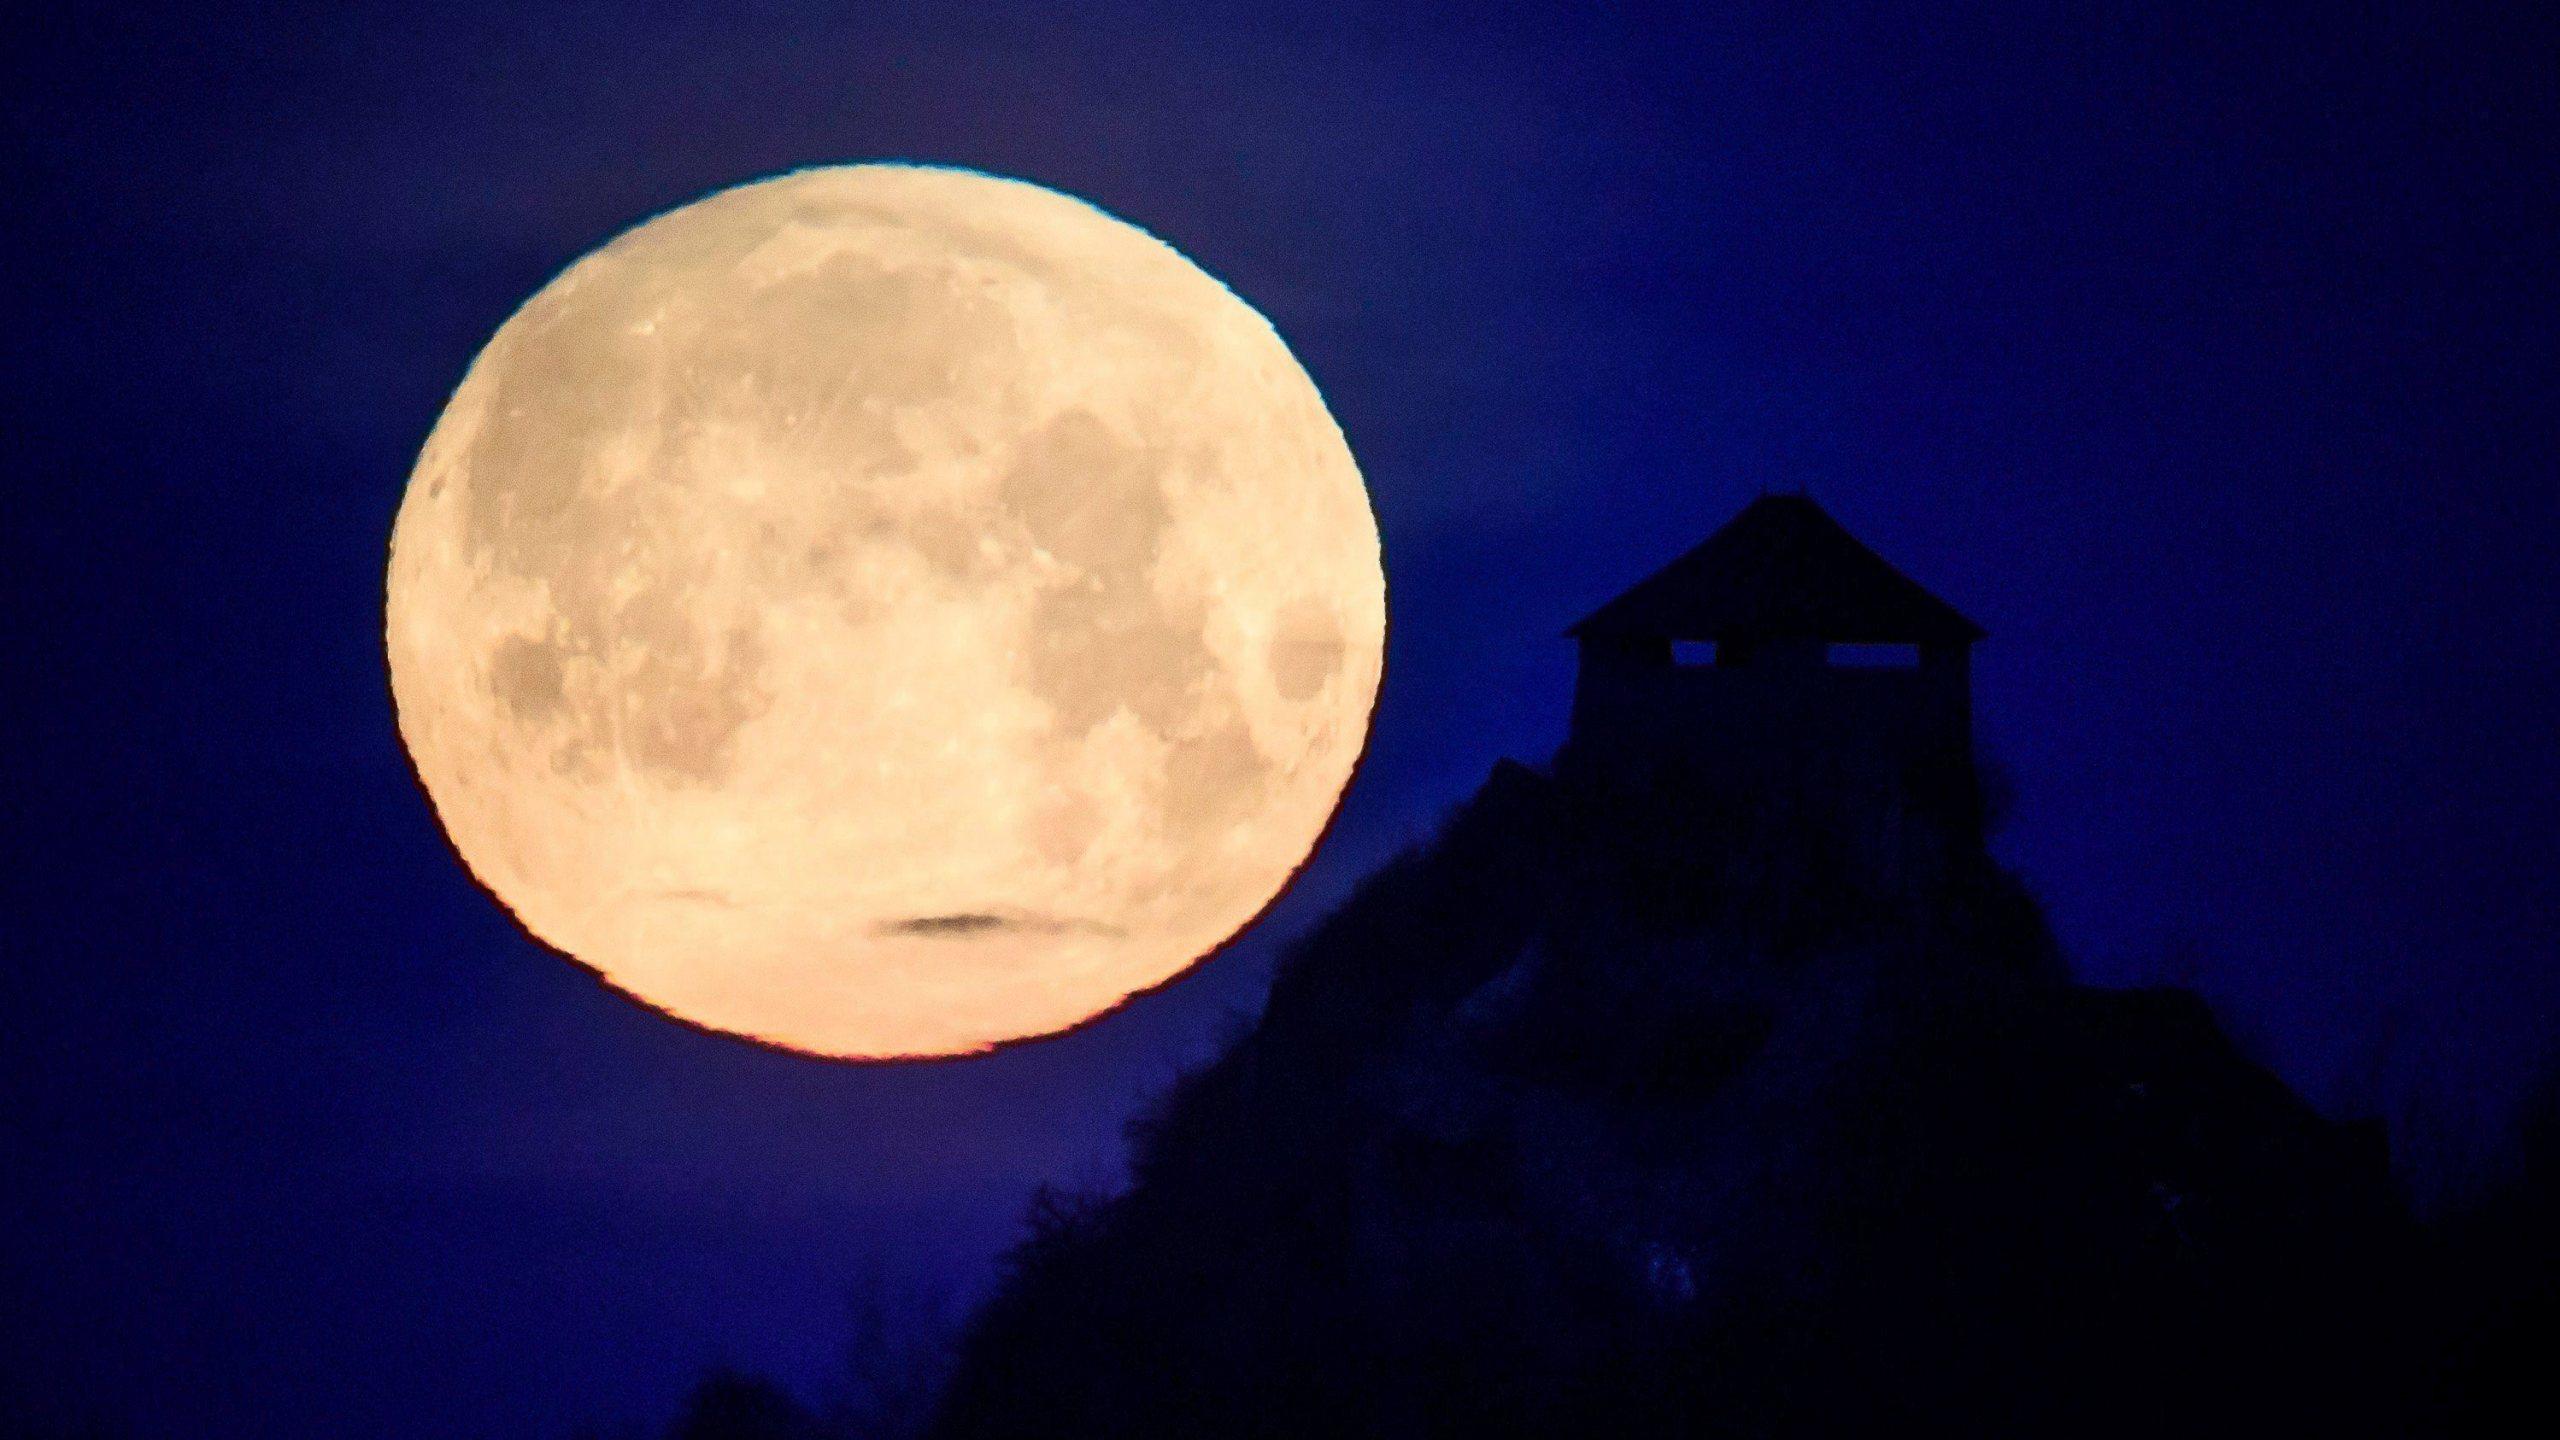 Hungary_Full_Moon_86876-159532.jpg47459052